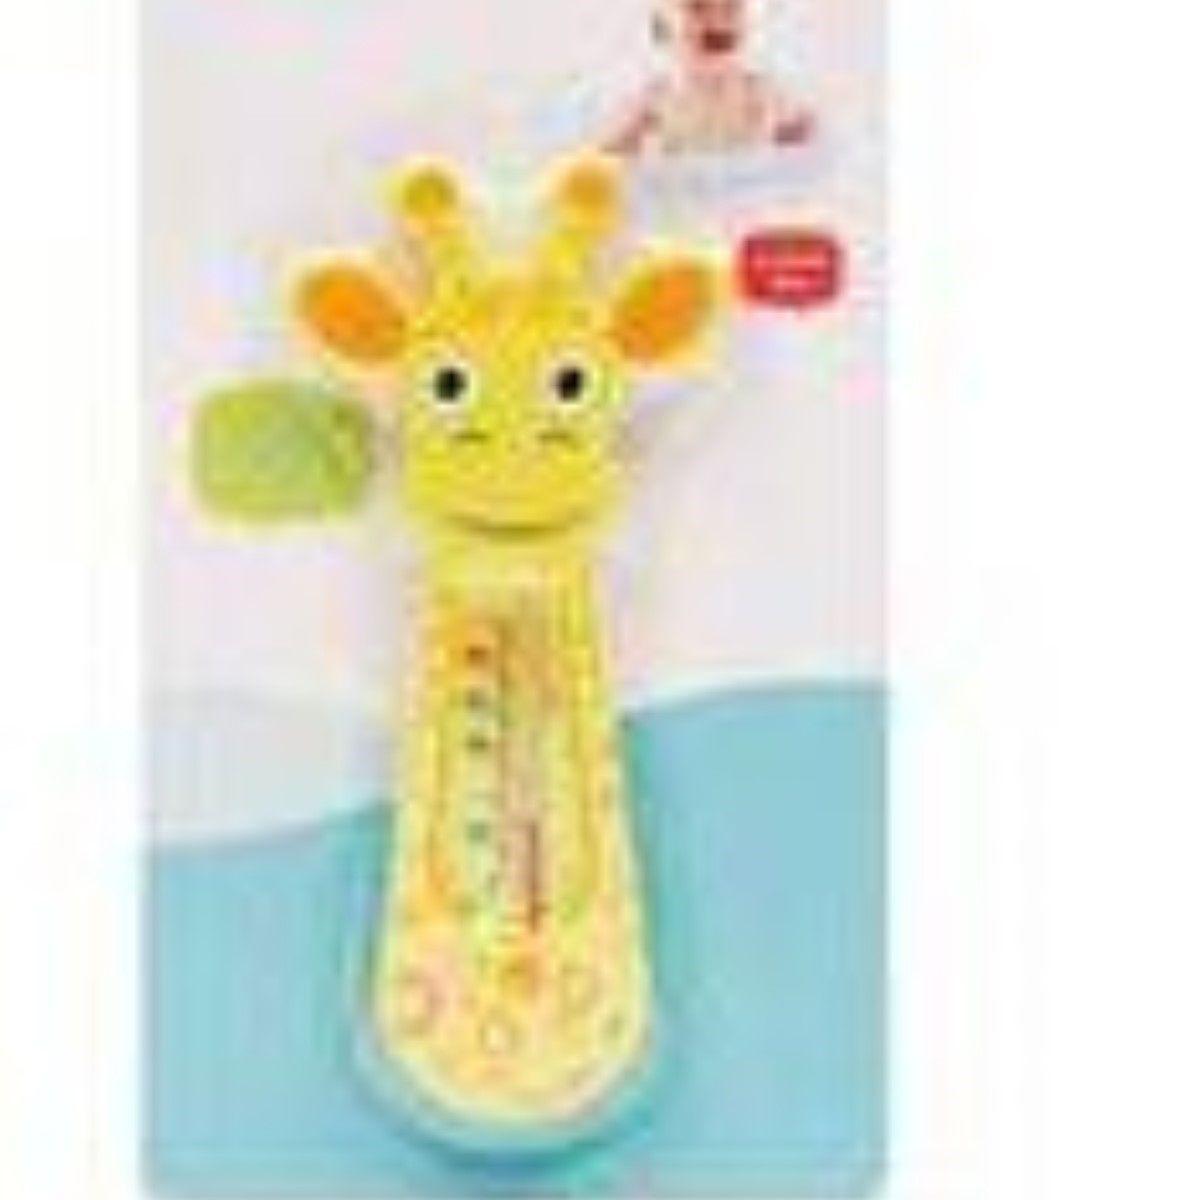 Termometro Banho Girafa Medidor da temperatura De Agua Para Banheira Bebe Buba Baby Crianca Unisex